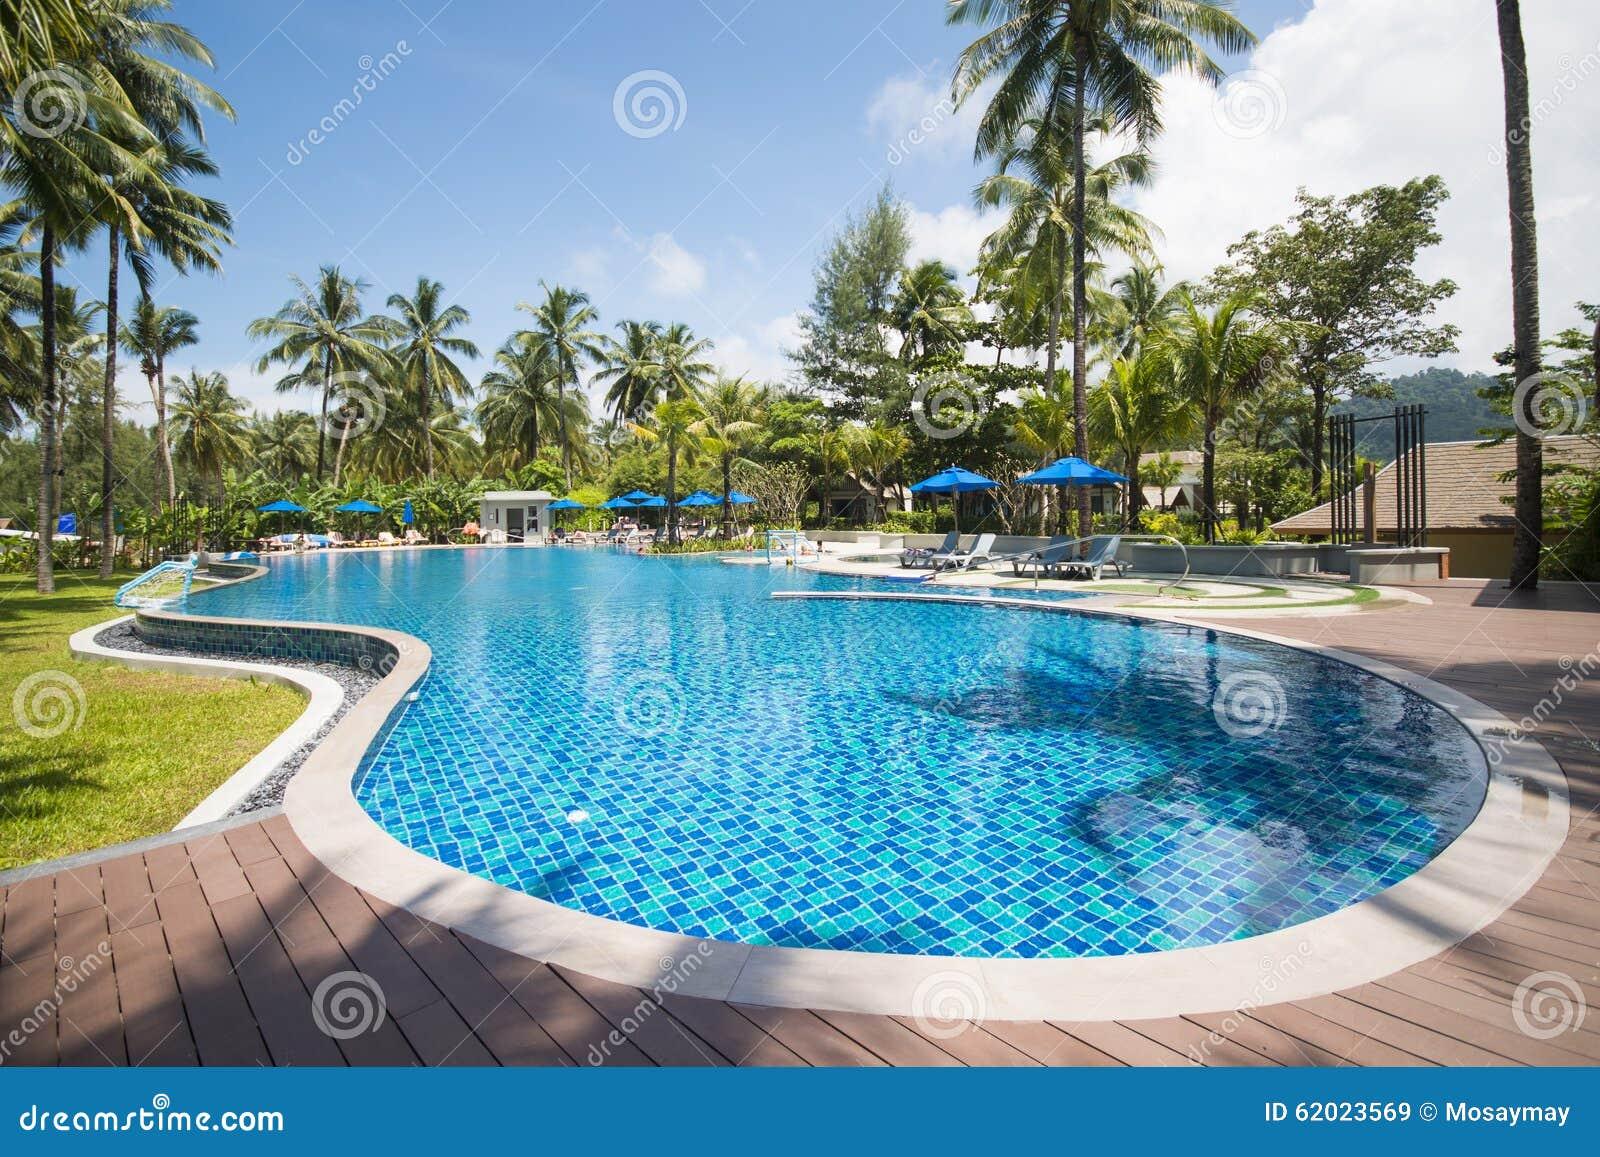 Mooi zwembad in tropische toevlucht